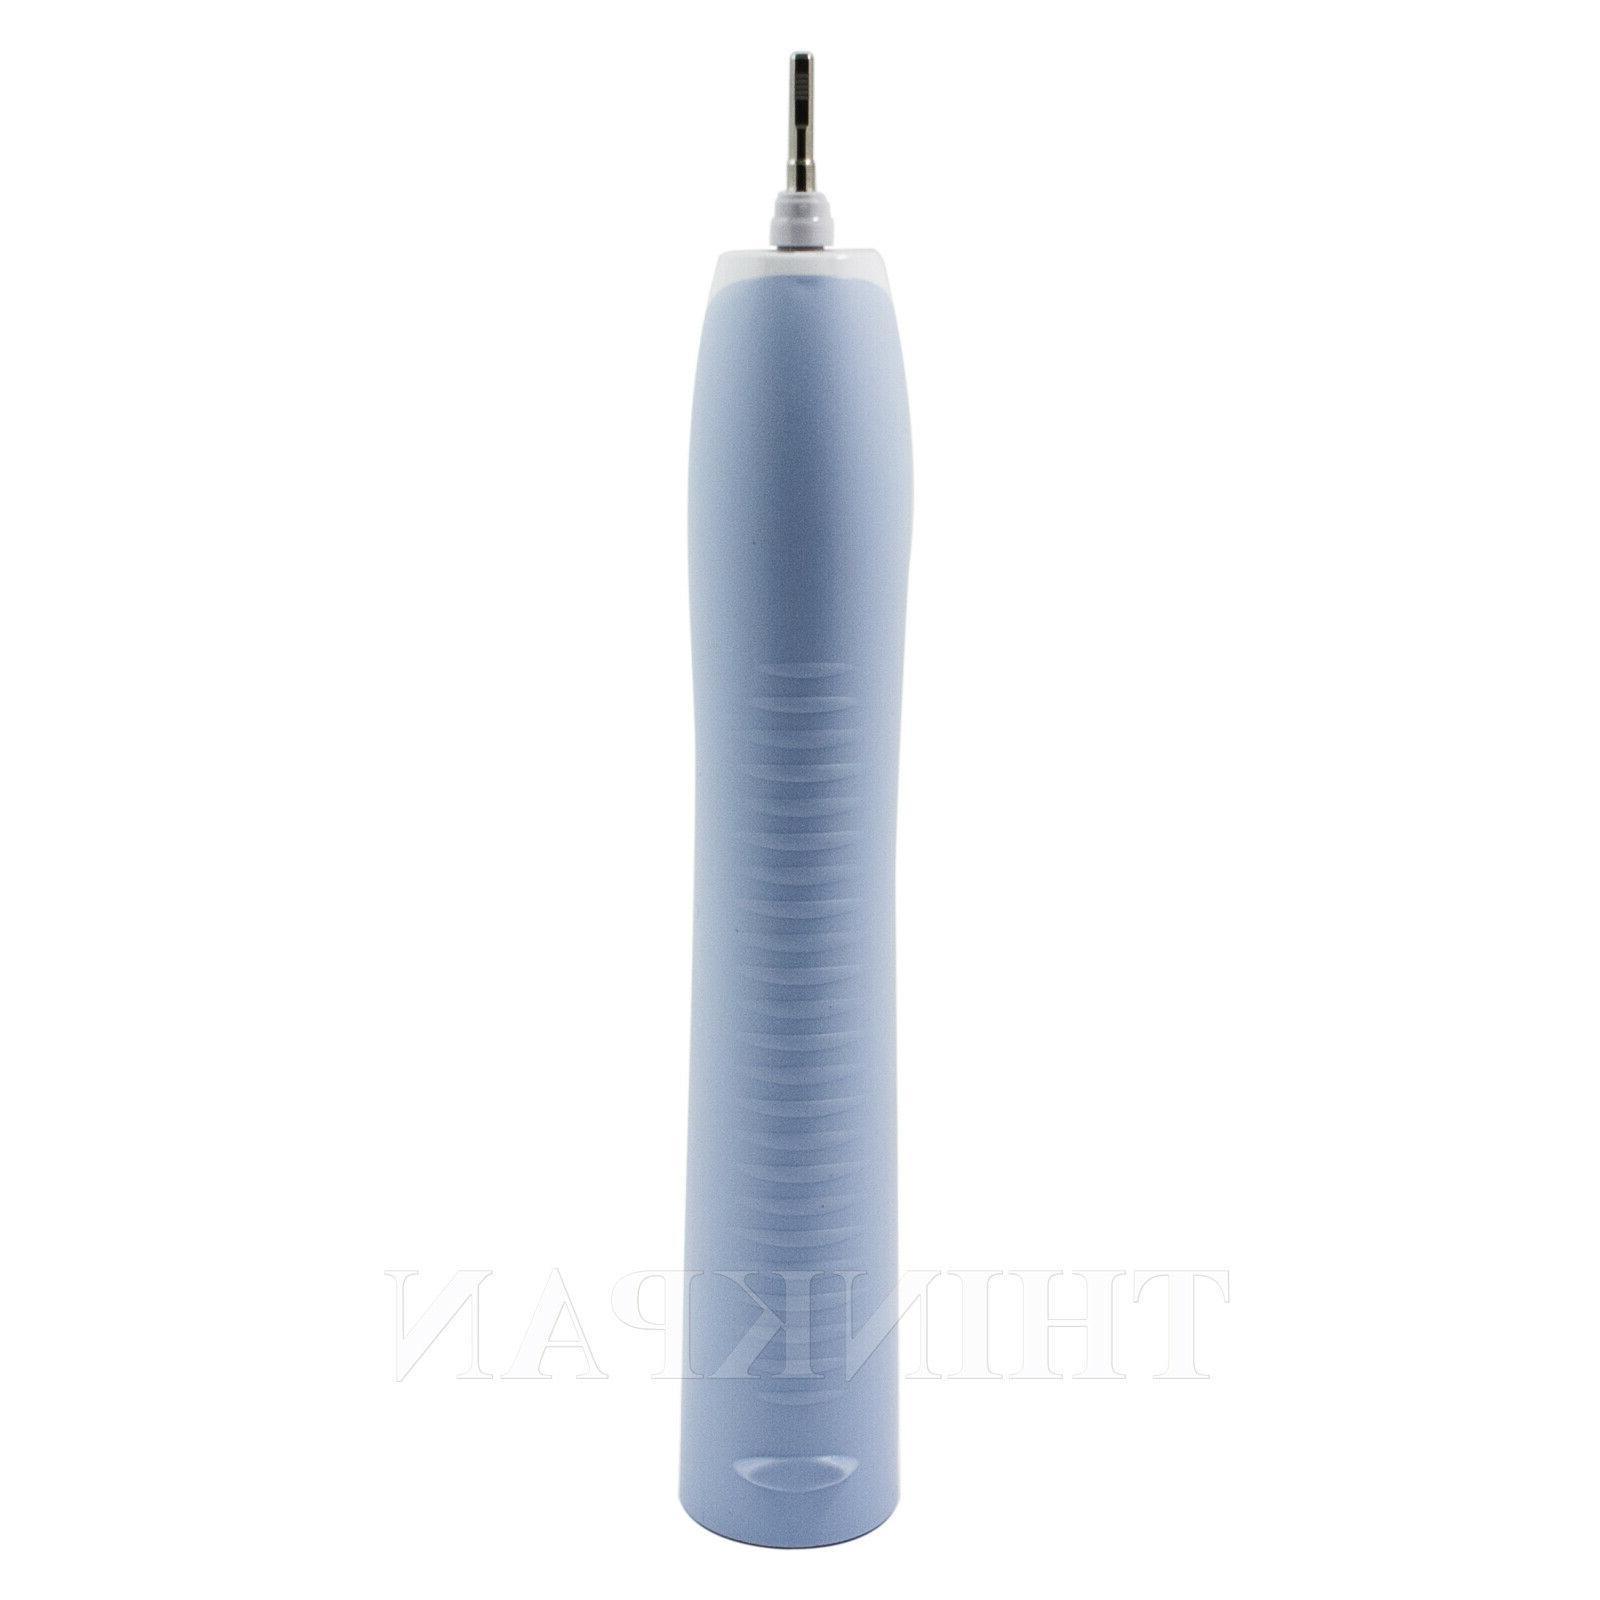 NEW Philips Flexcare HX6920/6930/HX6750 RS910 Toothbrush HX6920